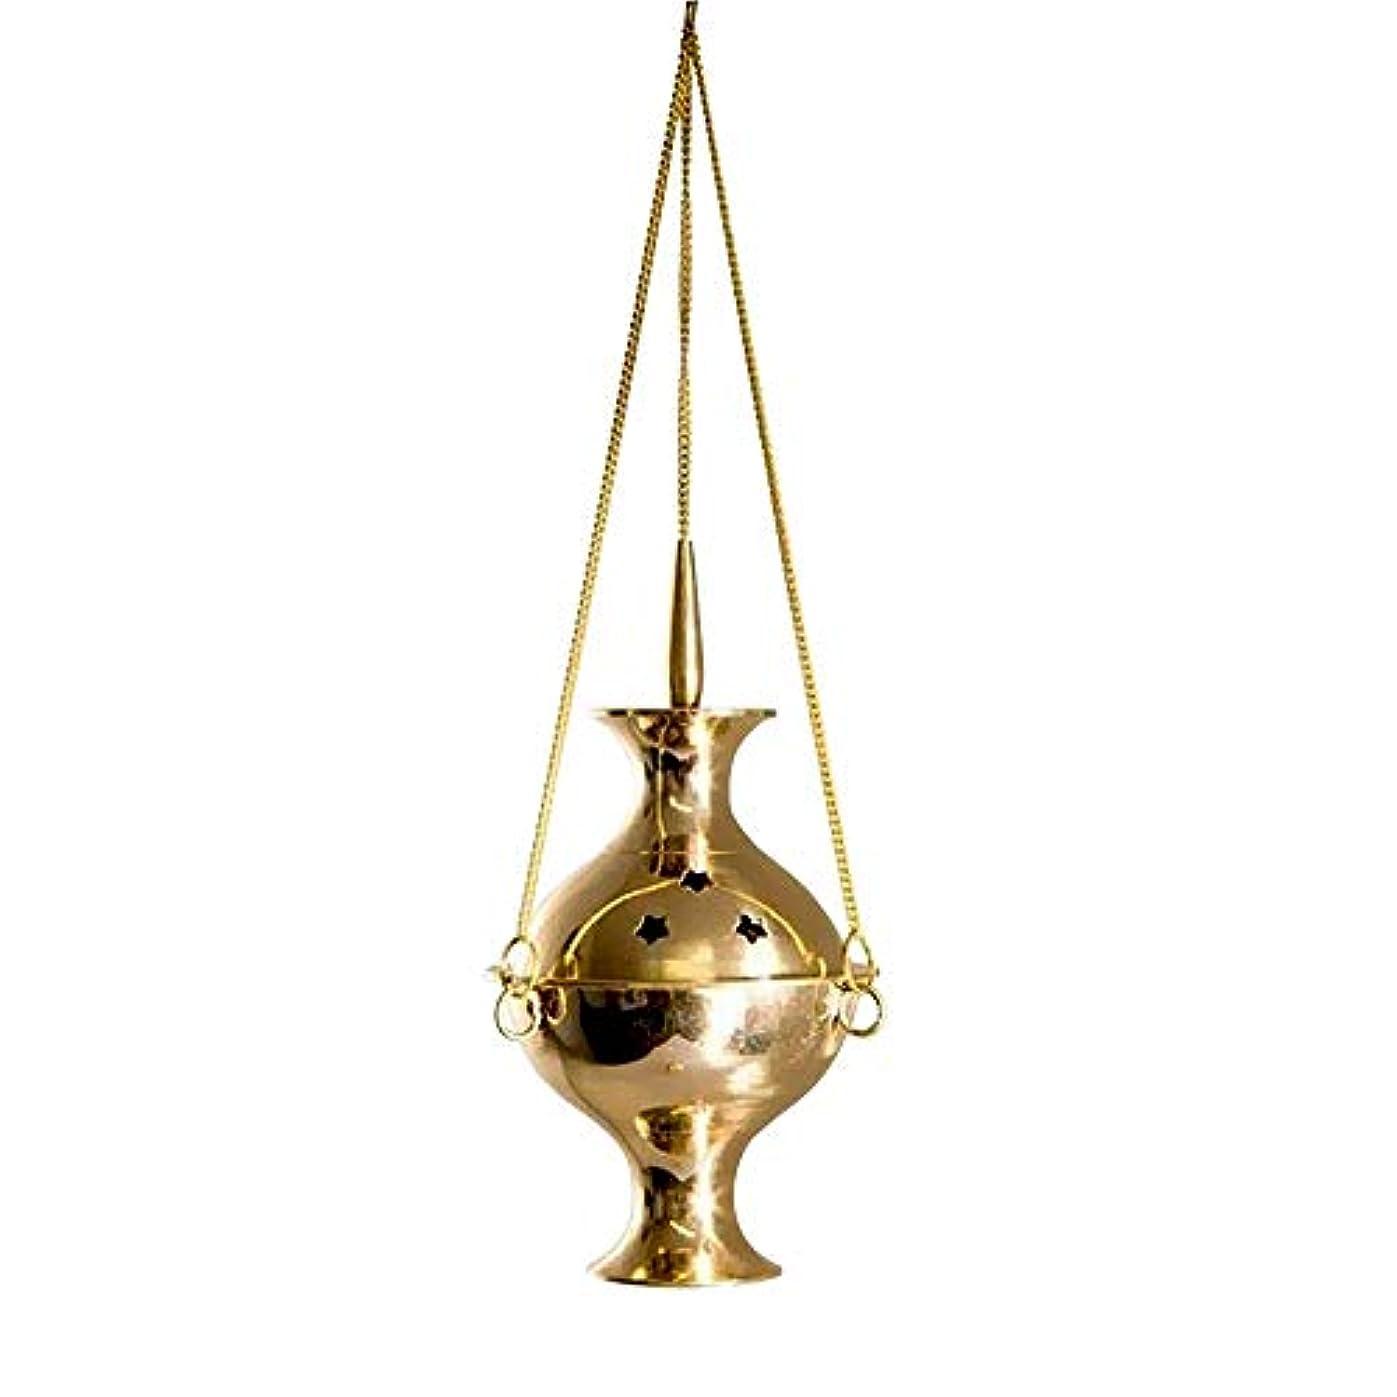 マイル管理者なめらかなカトリック香炉 吊り下げ式香炉 チャコール 6インチ 真鍮 吊り下げ 香炉 炭 香炉 バーナー 真鍮製 輝く仕上げで適切な燃焼に役立ちます。